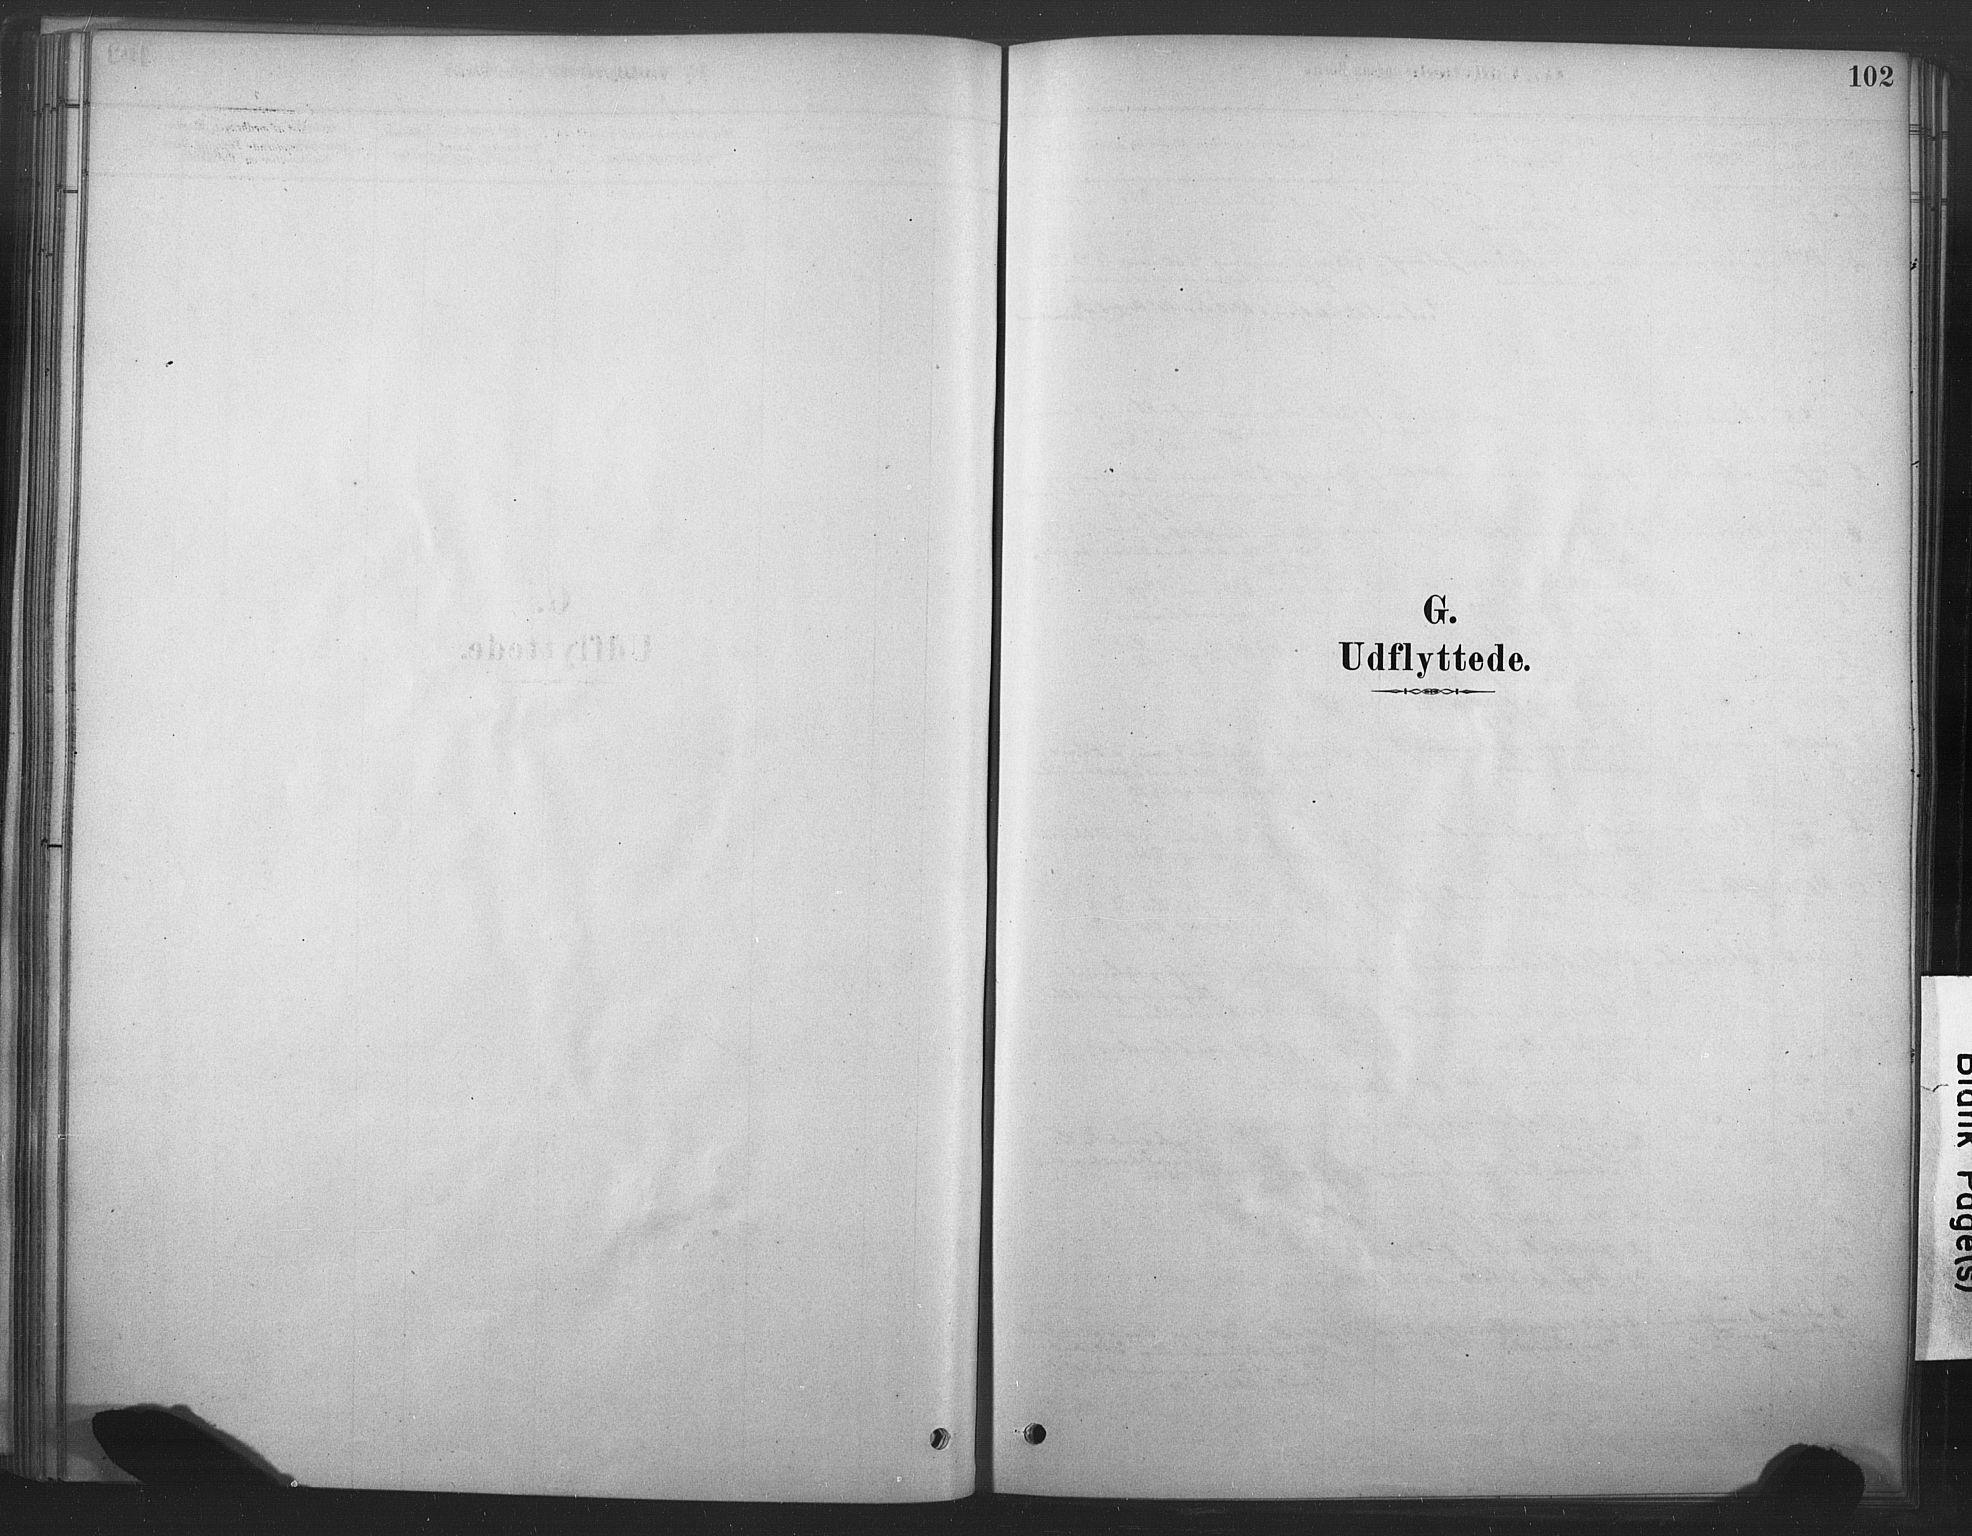 SAT, Ministerialprotokoller, klokkerbøker og fødselsregistre - Nord-Trøndelag, 719/L0178: Ministerialbok nr. 719A01, 1878-1900, s. 102